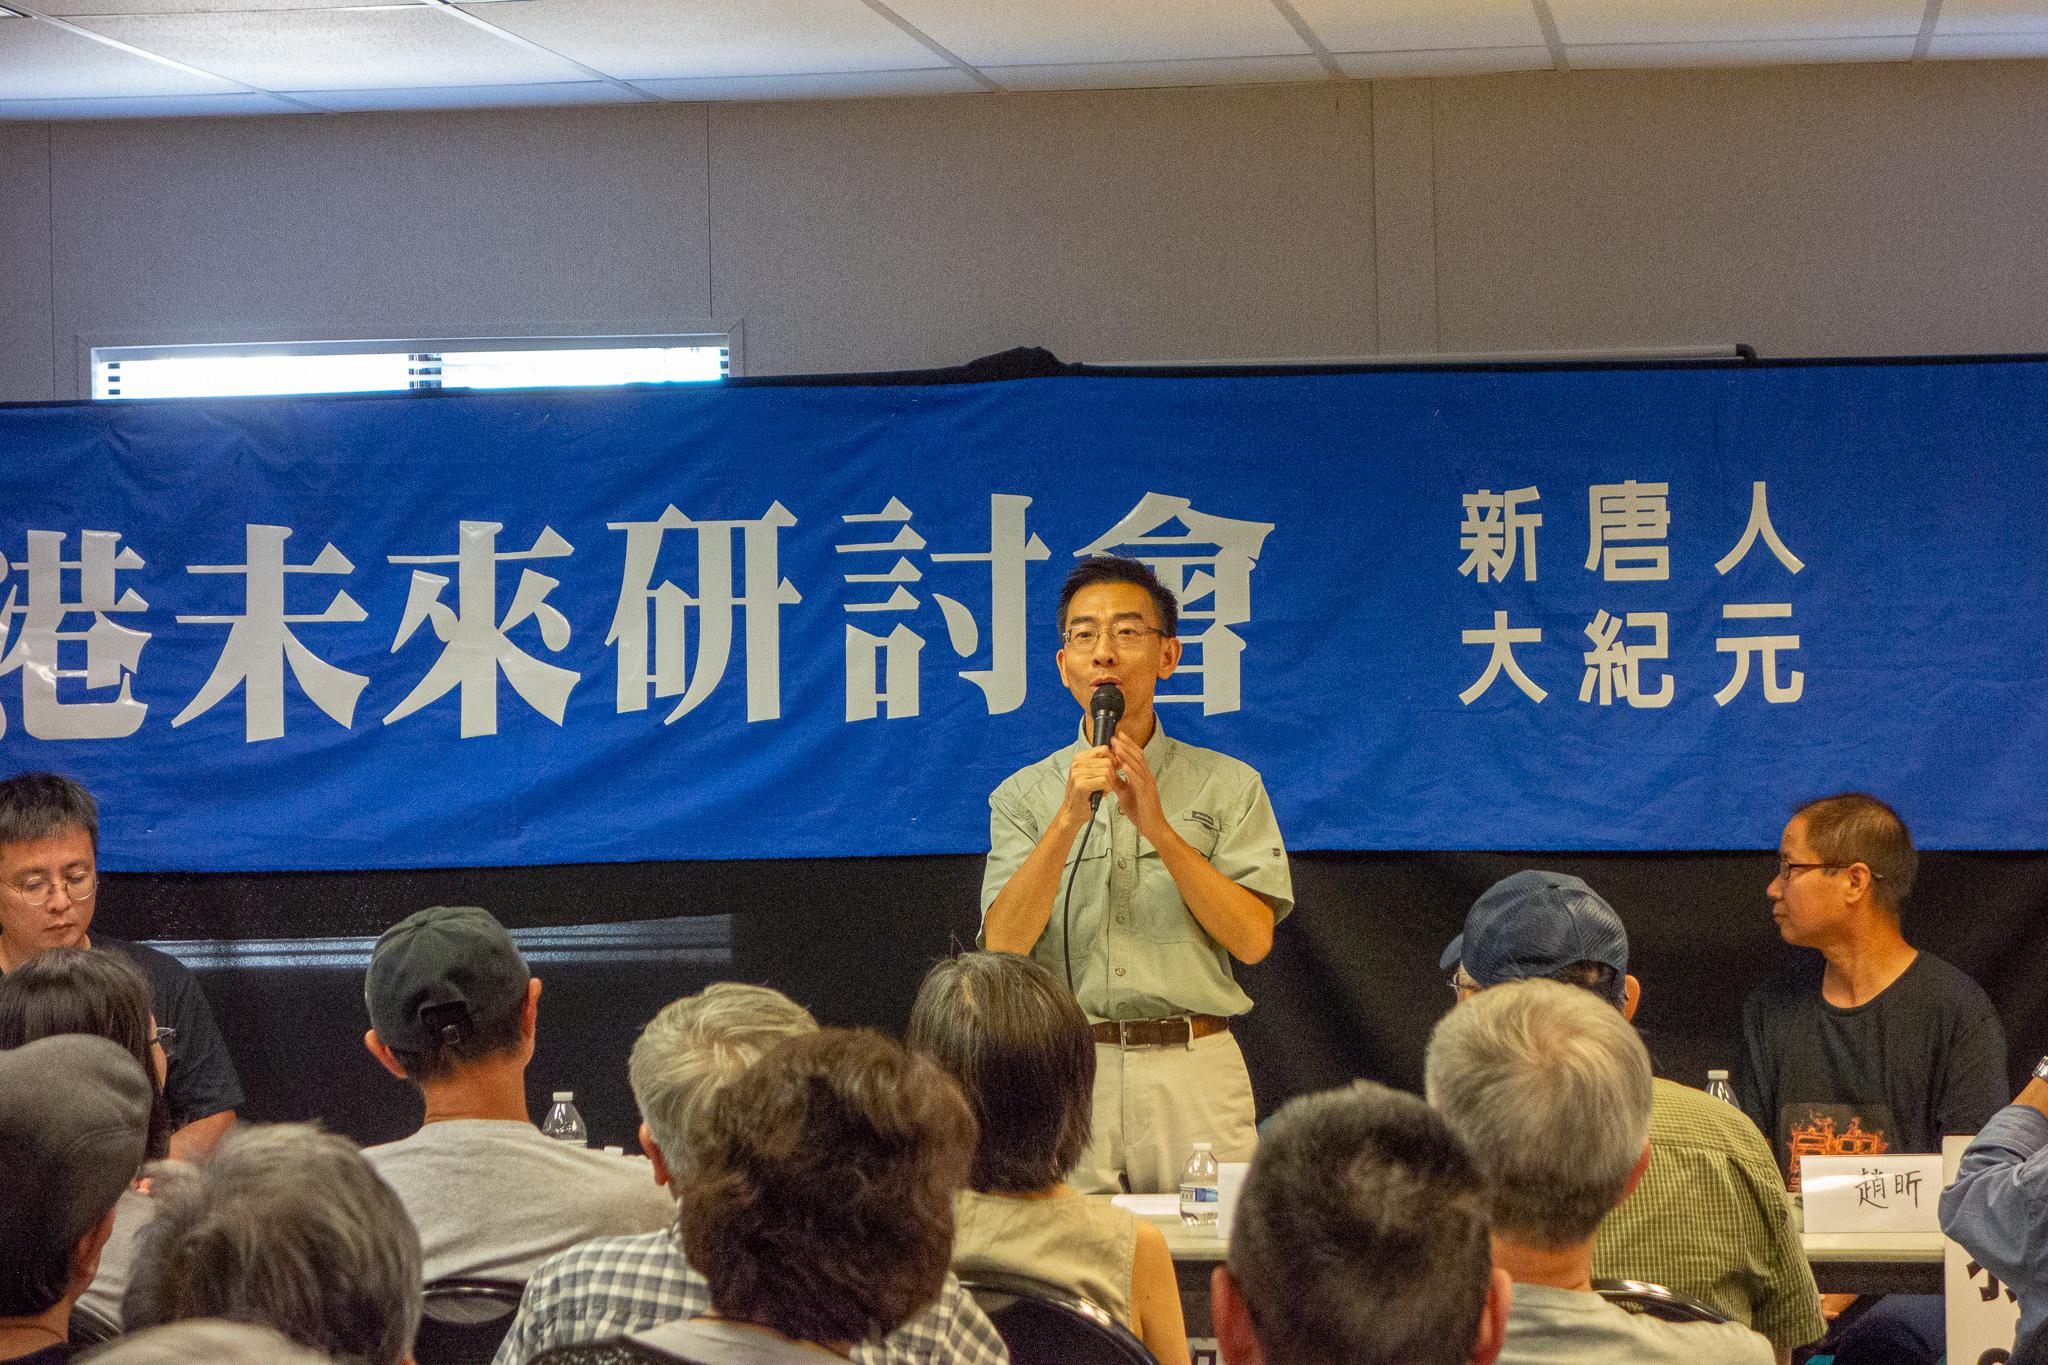 北加州香港會的陳國禧發言認為,中共現在還試圖以維穩的方式來解決政治問題,而警察濫用暴力卻成為港人抗爭的最大動力。(曹景哲/大紀元)